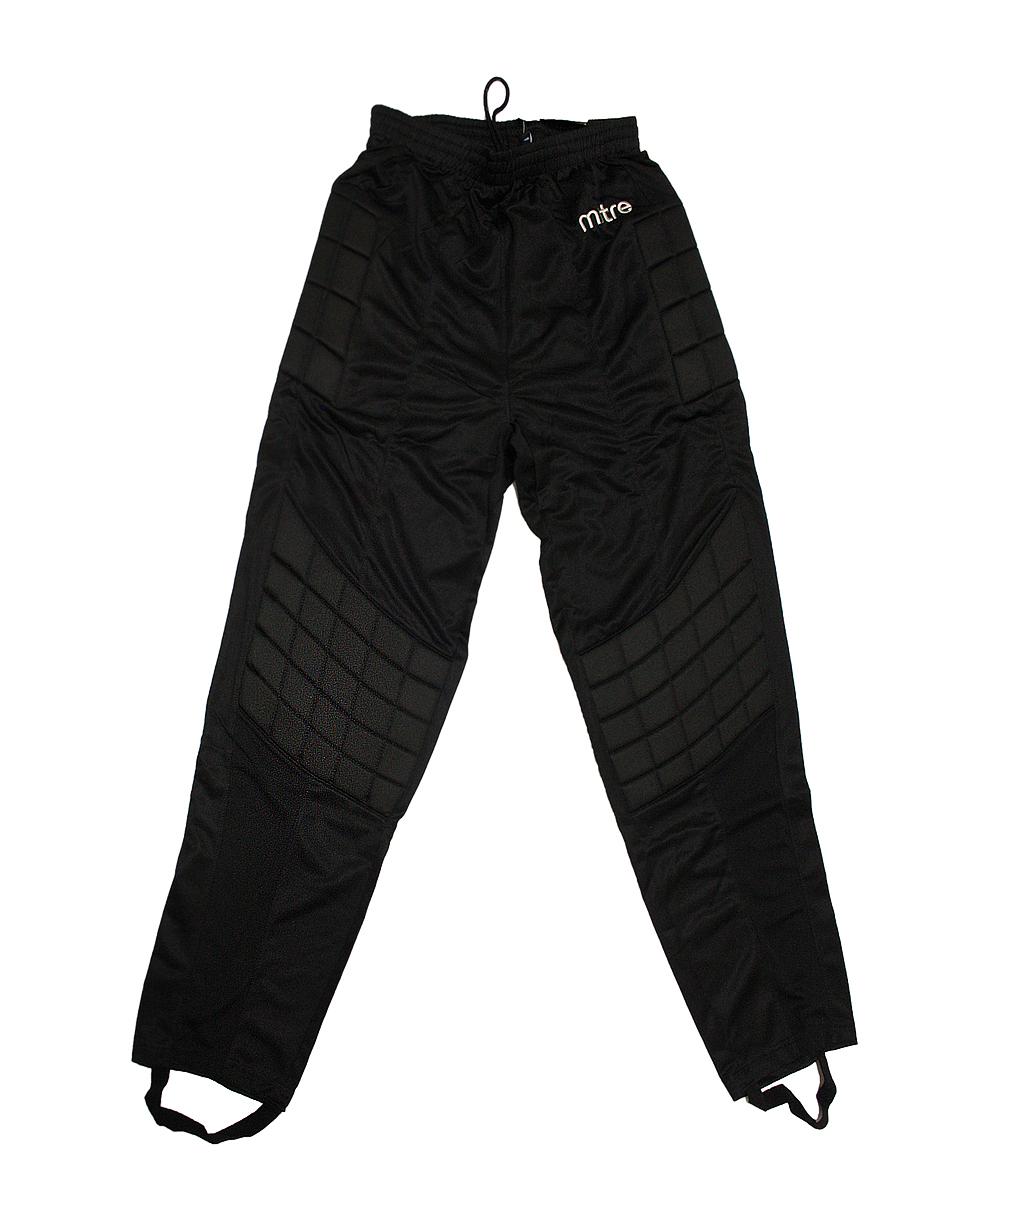 Вратарские штаны Mitre с лямками